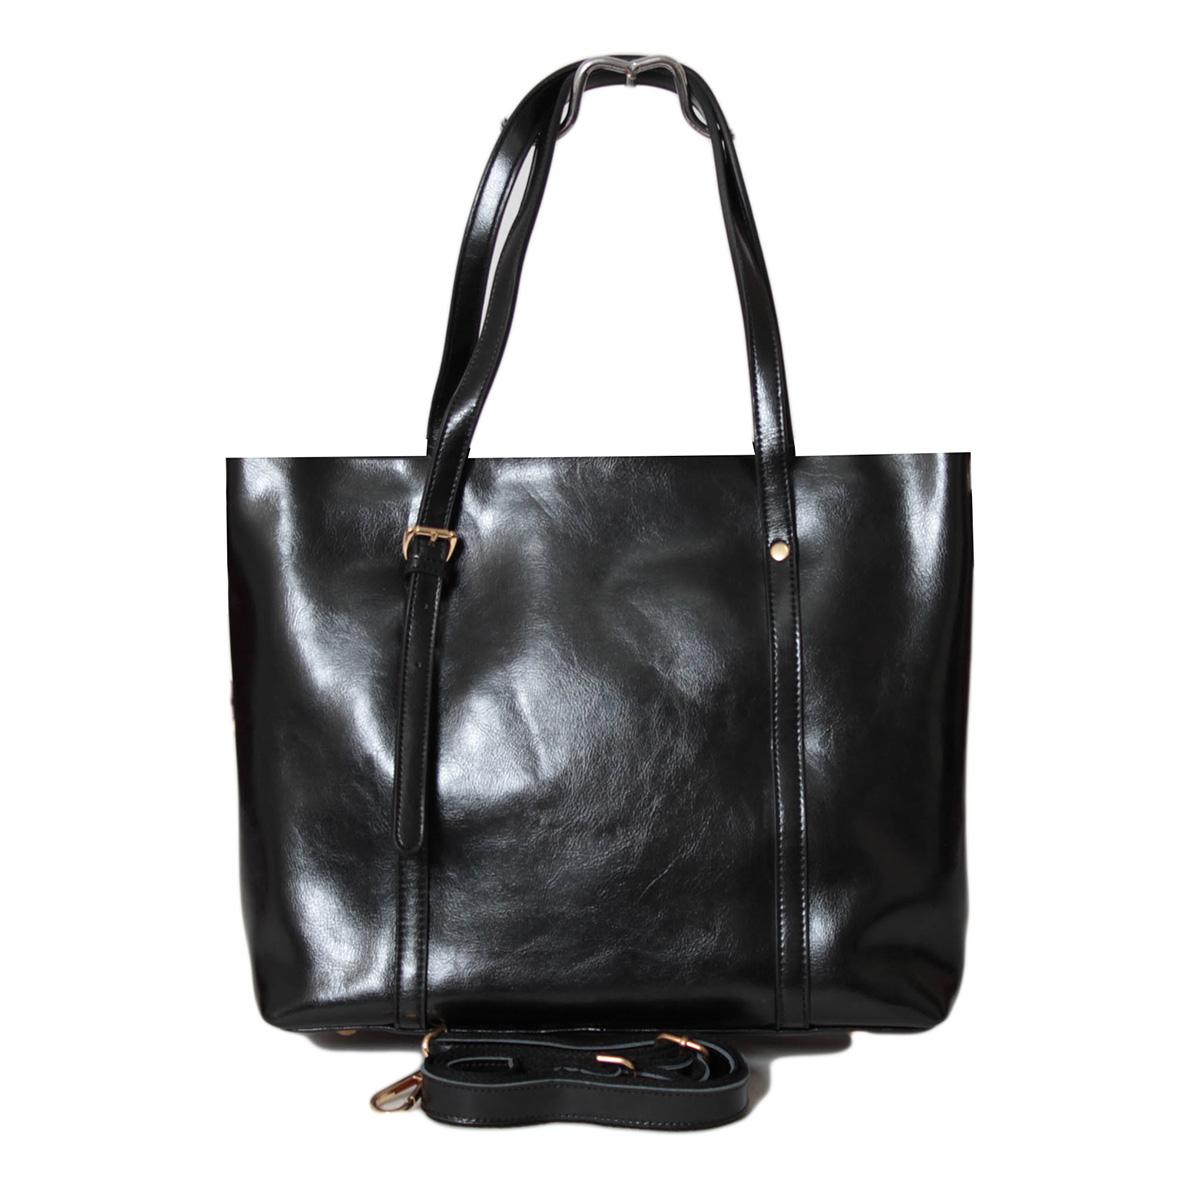 Сумка женская Flioraj, цвет: черный. 0005246500052465Закрывается на молнию. Есть боковой открытый карман, внутри два отделения, два открытых кармана и карман на молнии. Высота ручки 20 см.